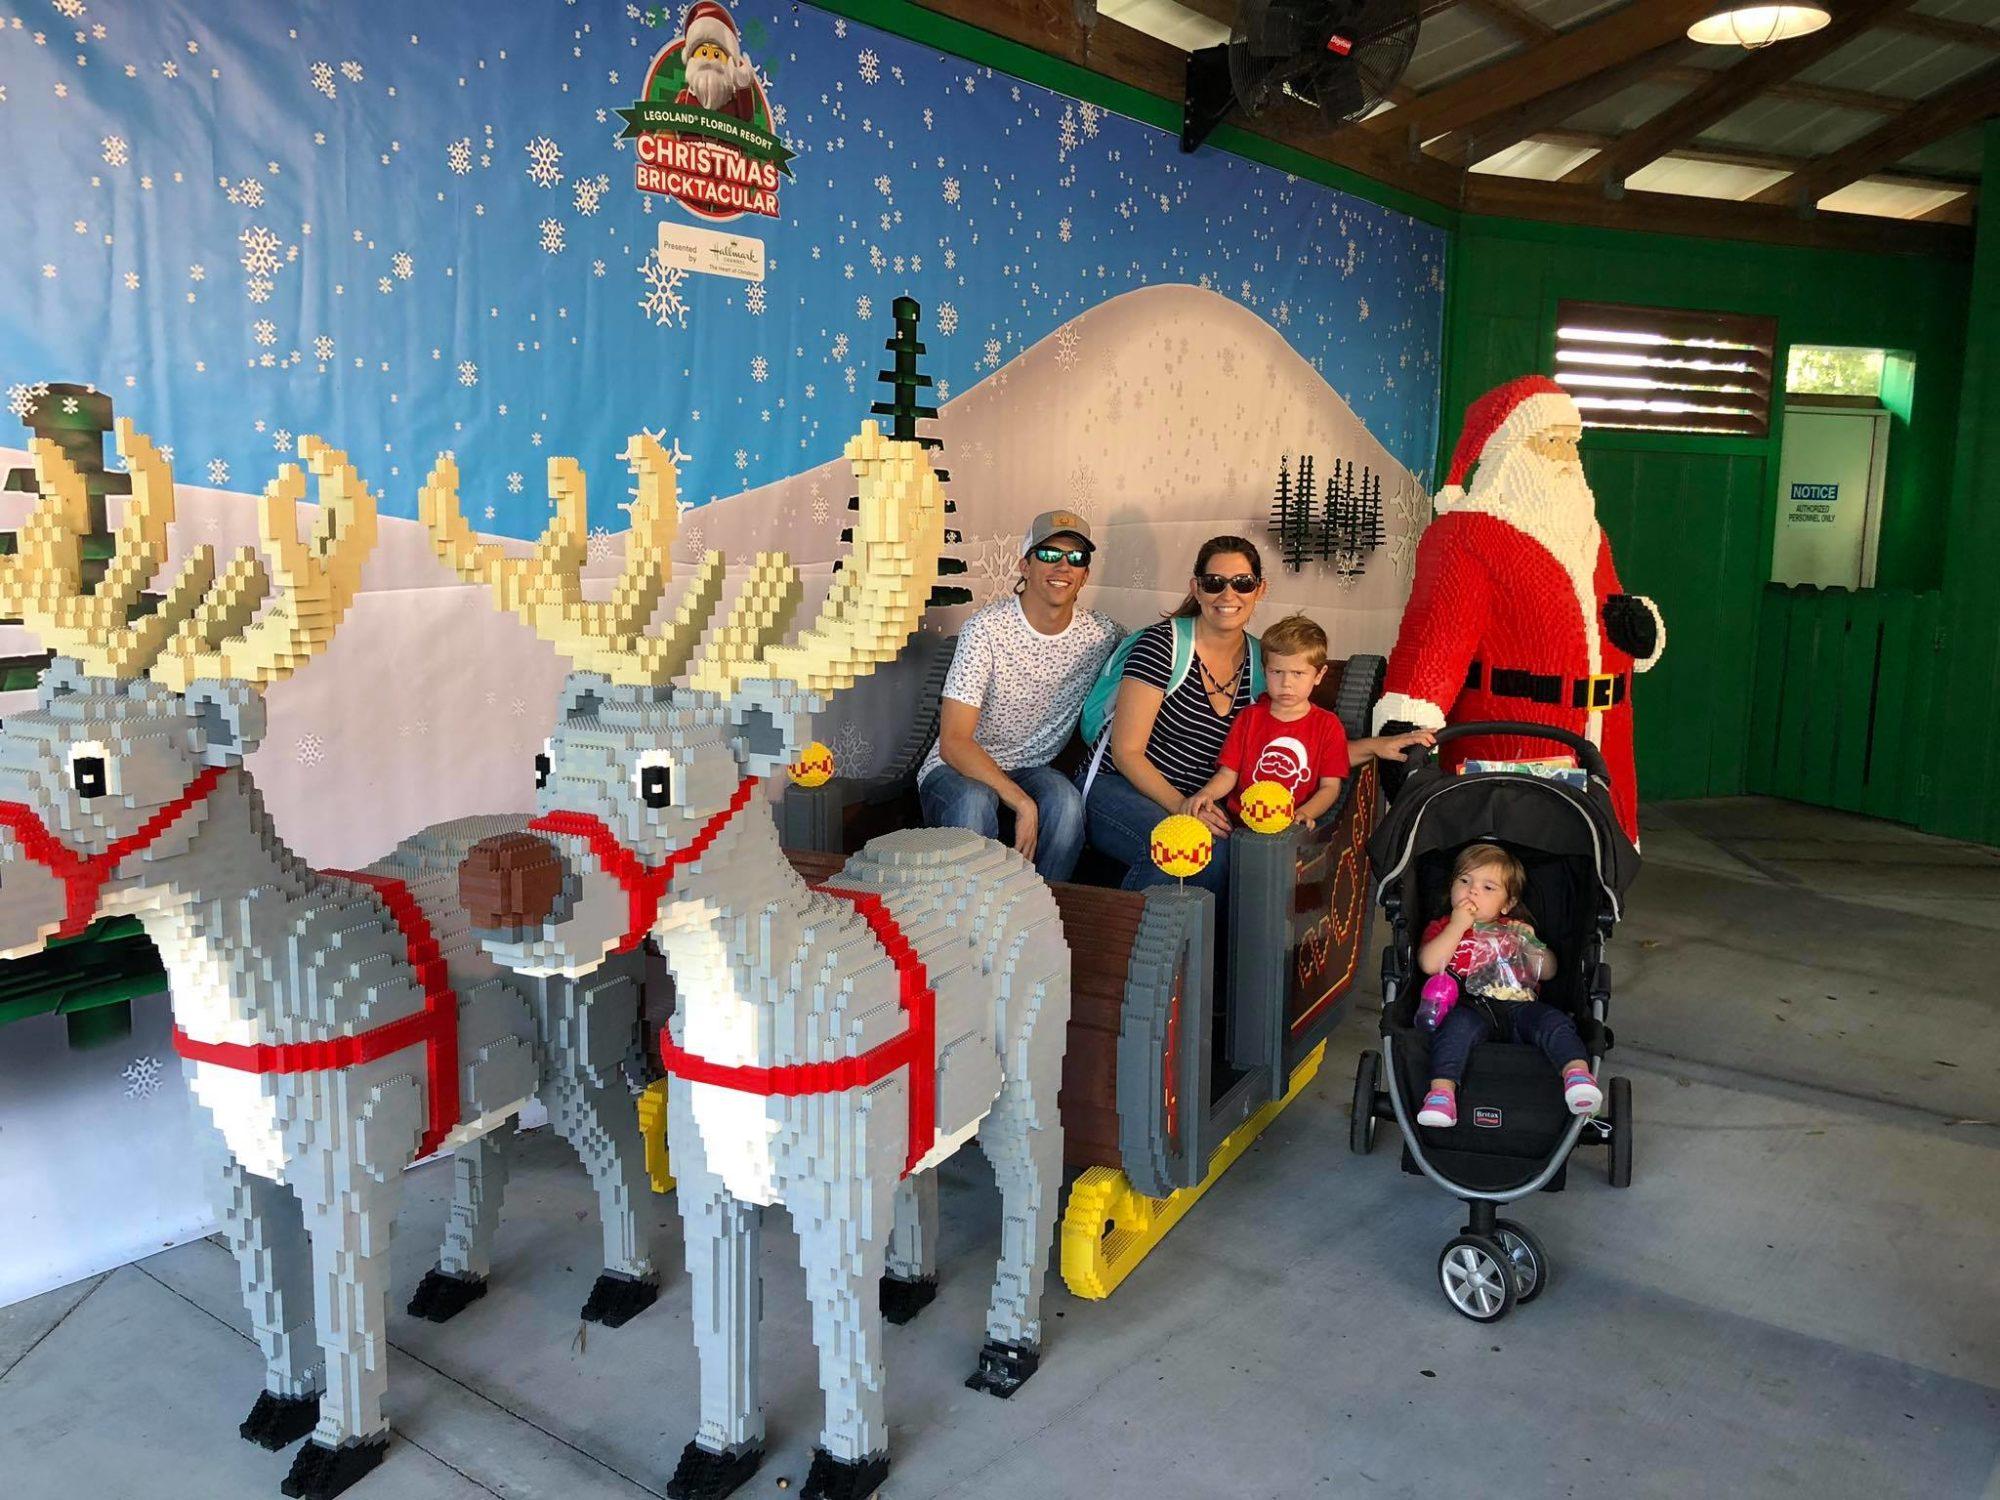 LEGOLAND CHRISTMAS BRICKTACULAR SANTA AND SLEIGH